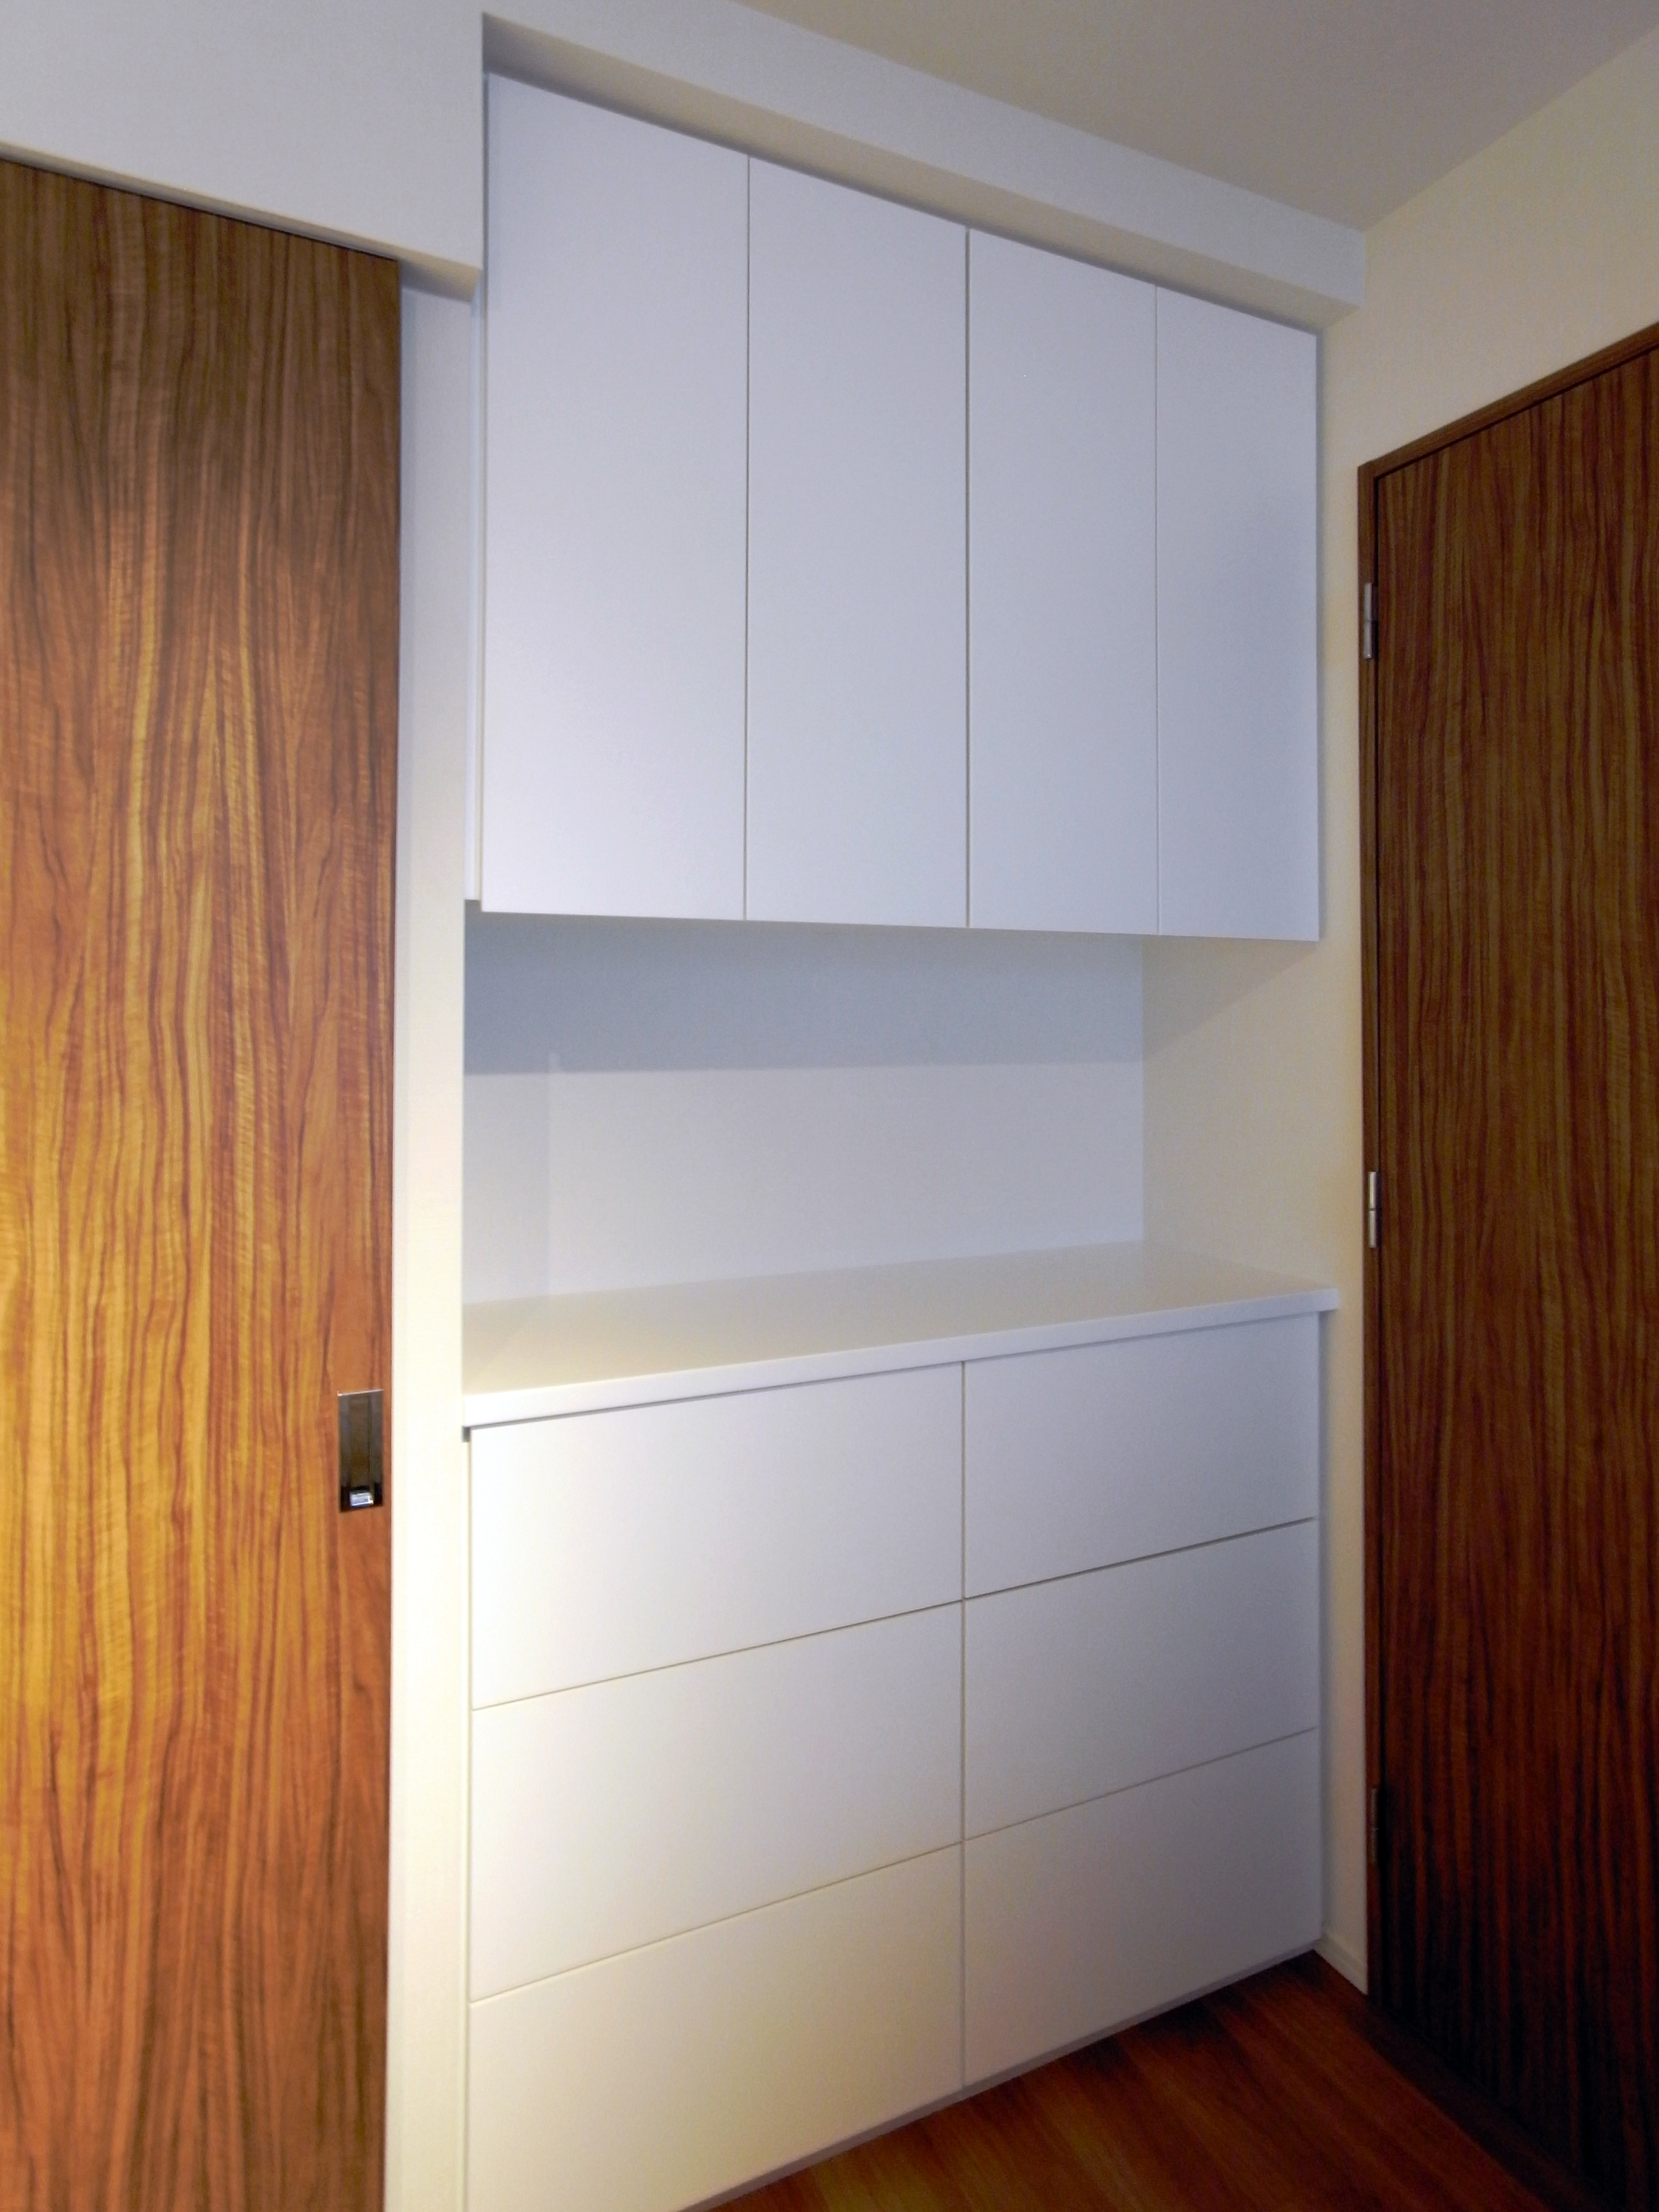 【h032】寝室壁面収納